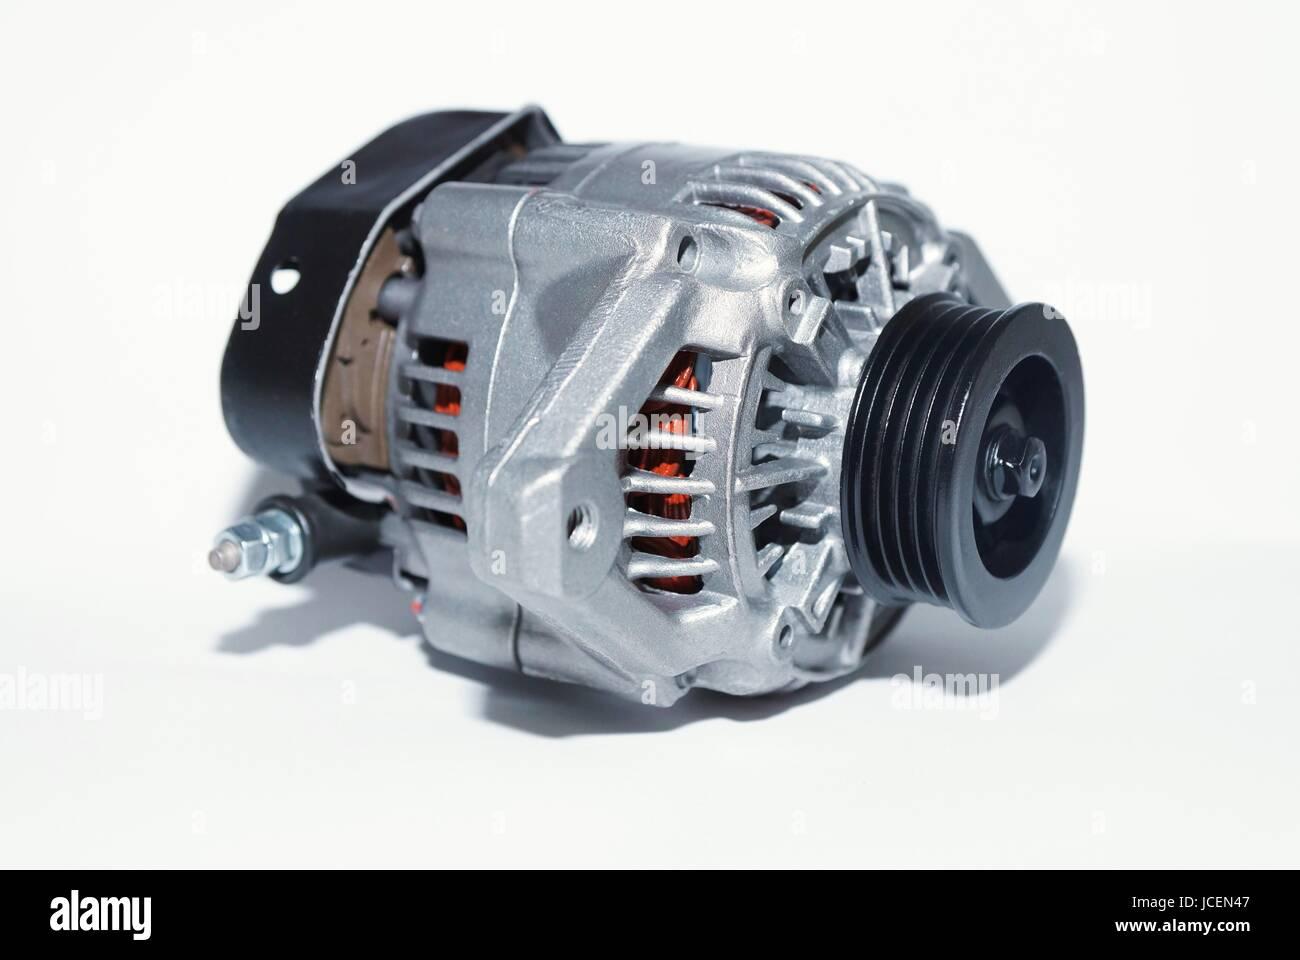 Schema Collegamento Alternatore Trattore : Case  trattore manuale manutenzione riparazione negozio